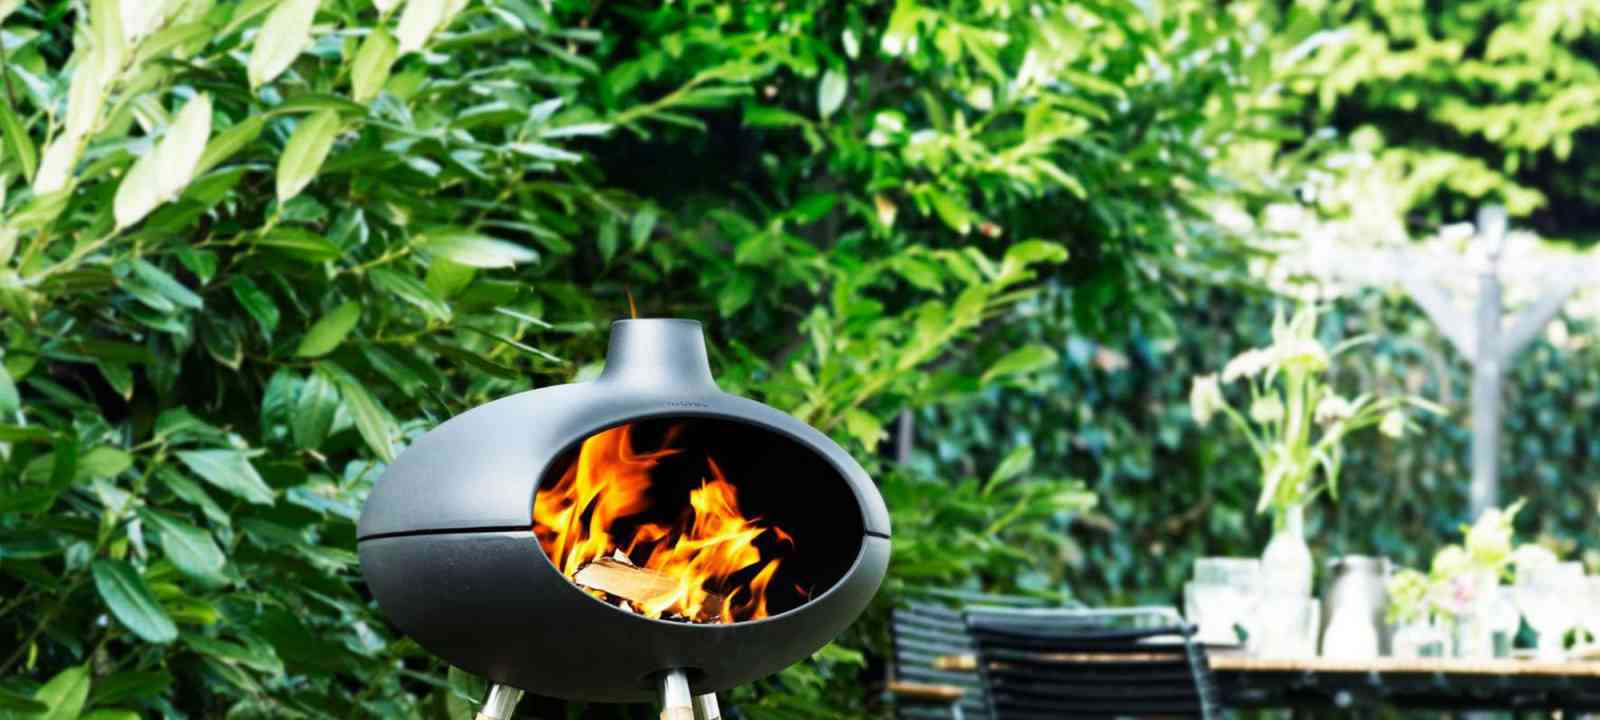 Foire de Paris - Barbecue trois en un